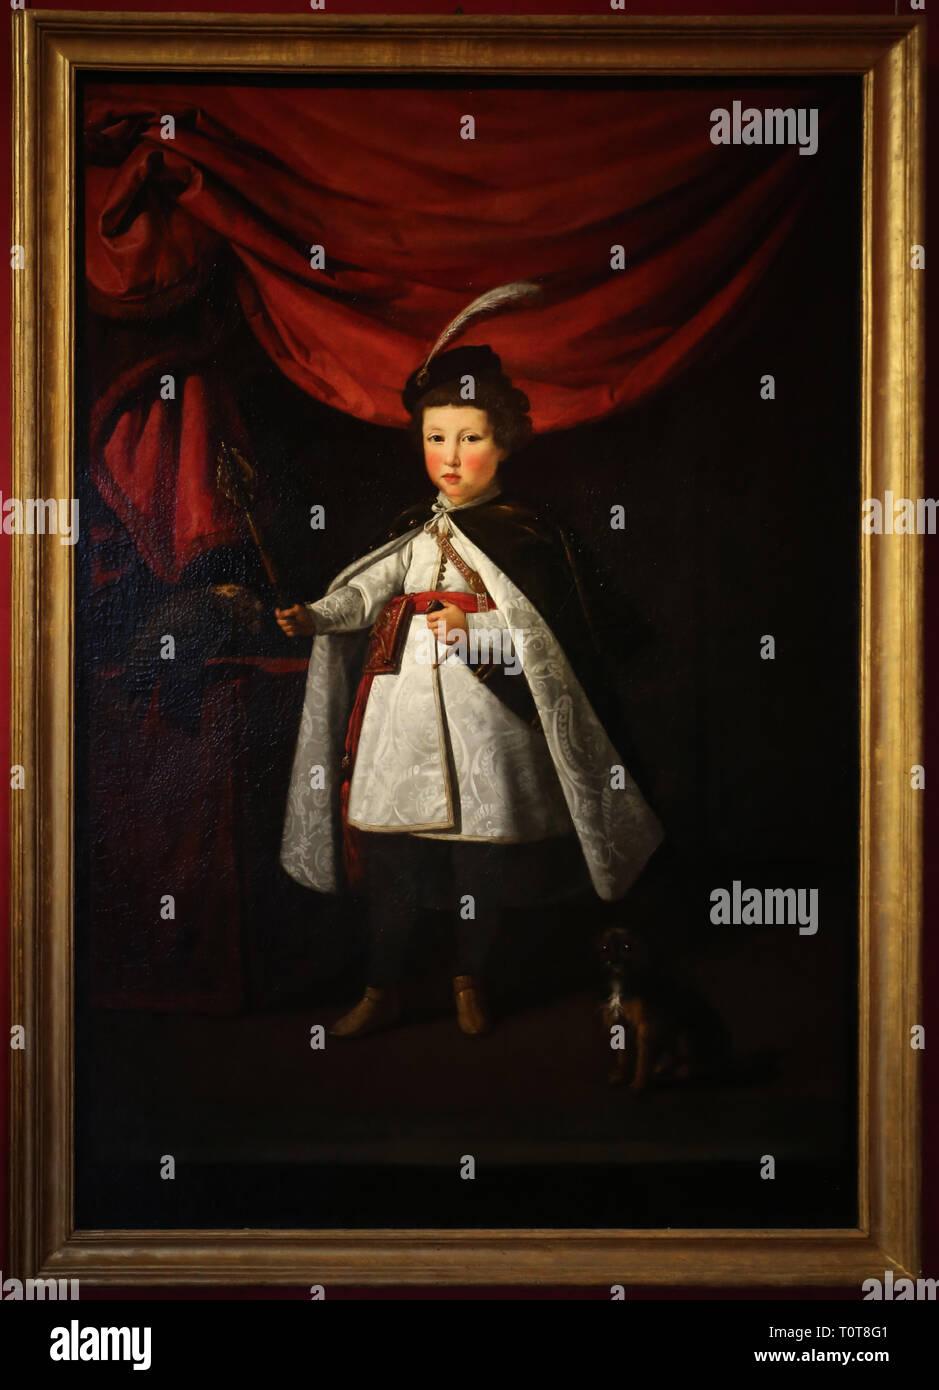 Giusto suttermans, ritratto di leopoldo de' medici fanciullo, 1622 - Stock Image